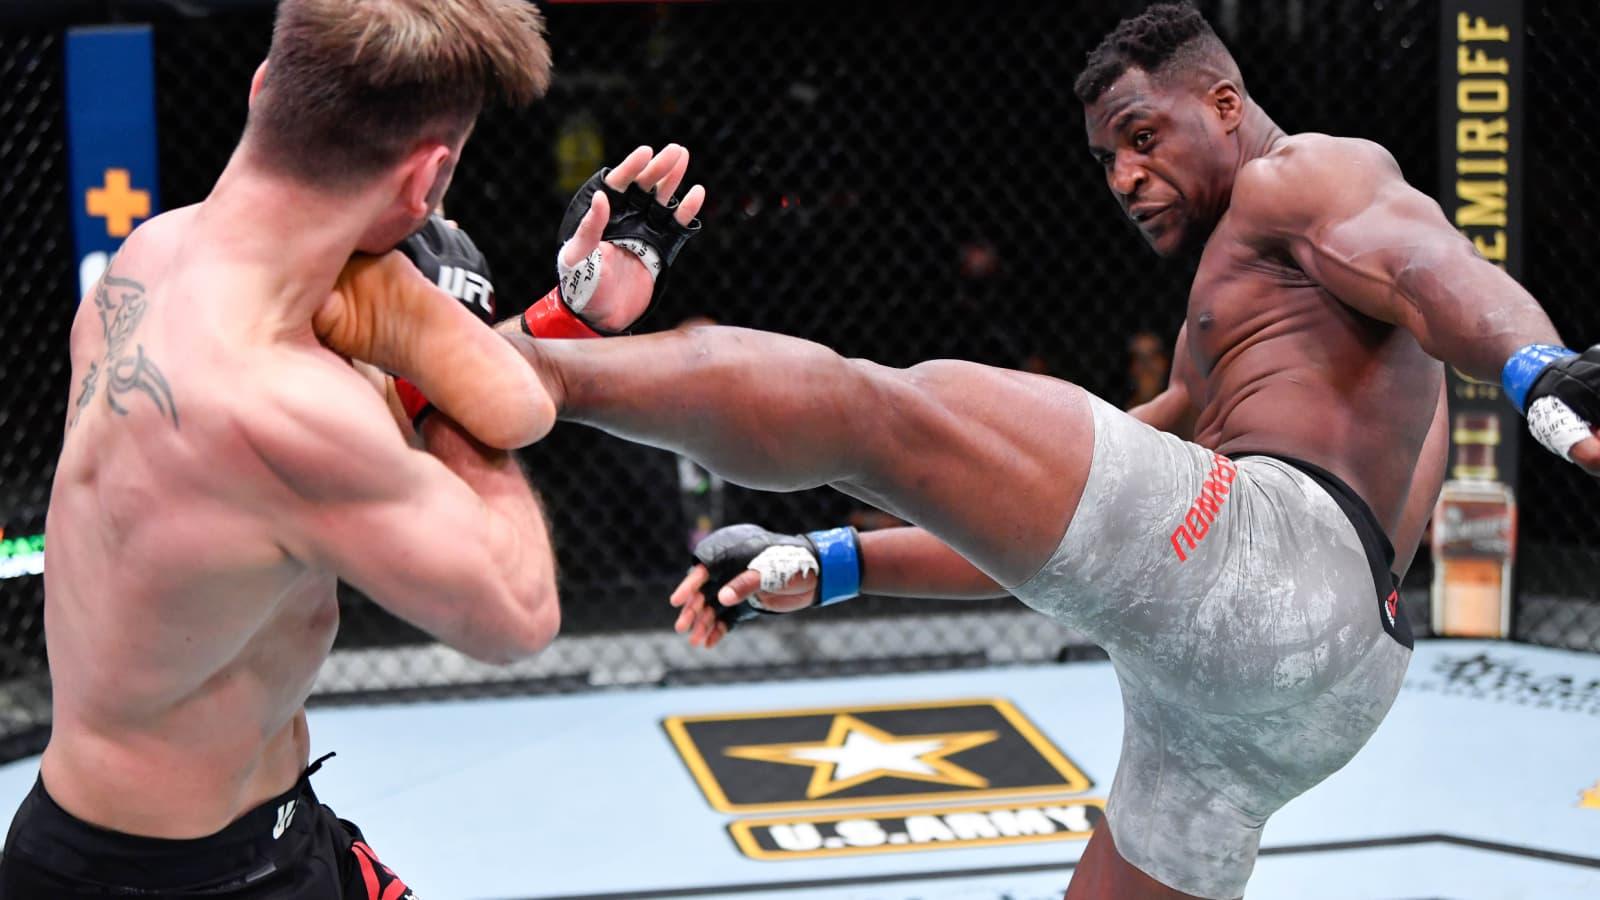 MMA : suivez l'UFC et le Bellator sur RMC Sport